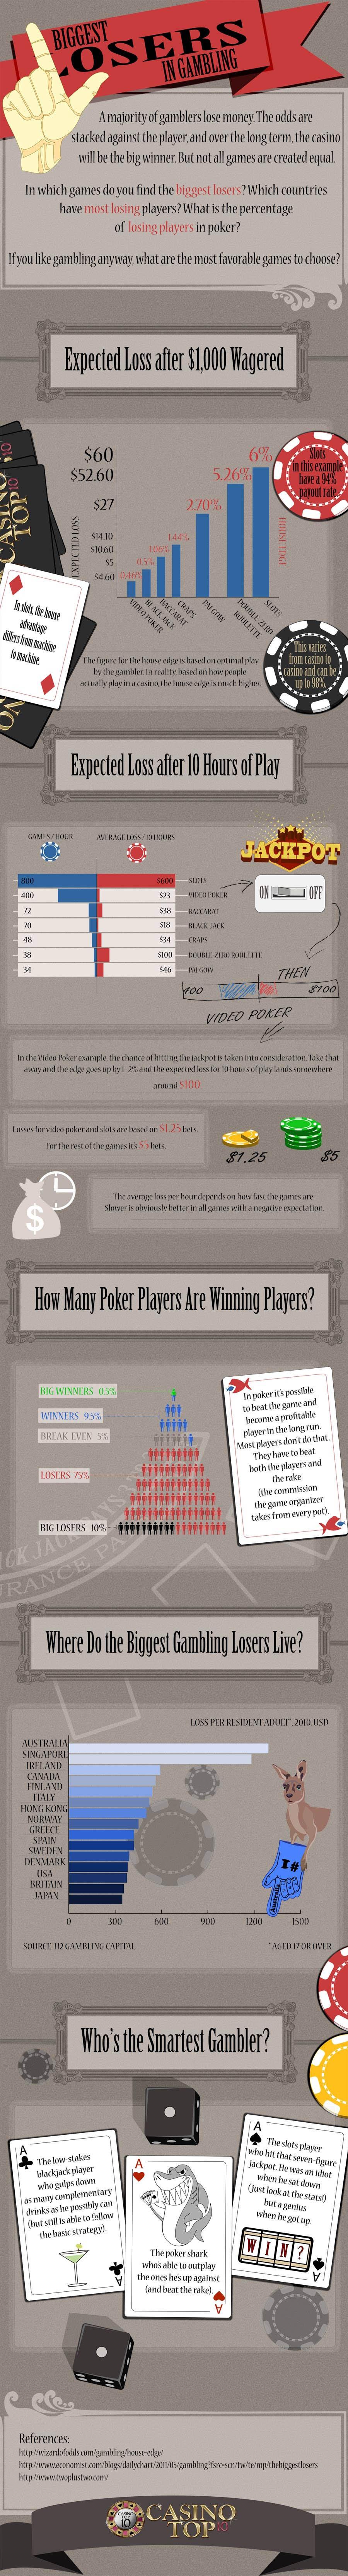 Biggest Losers in Gambling